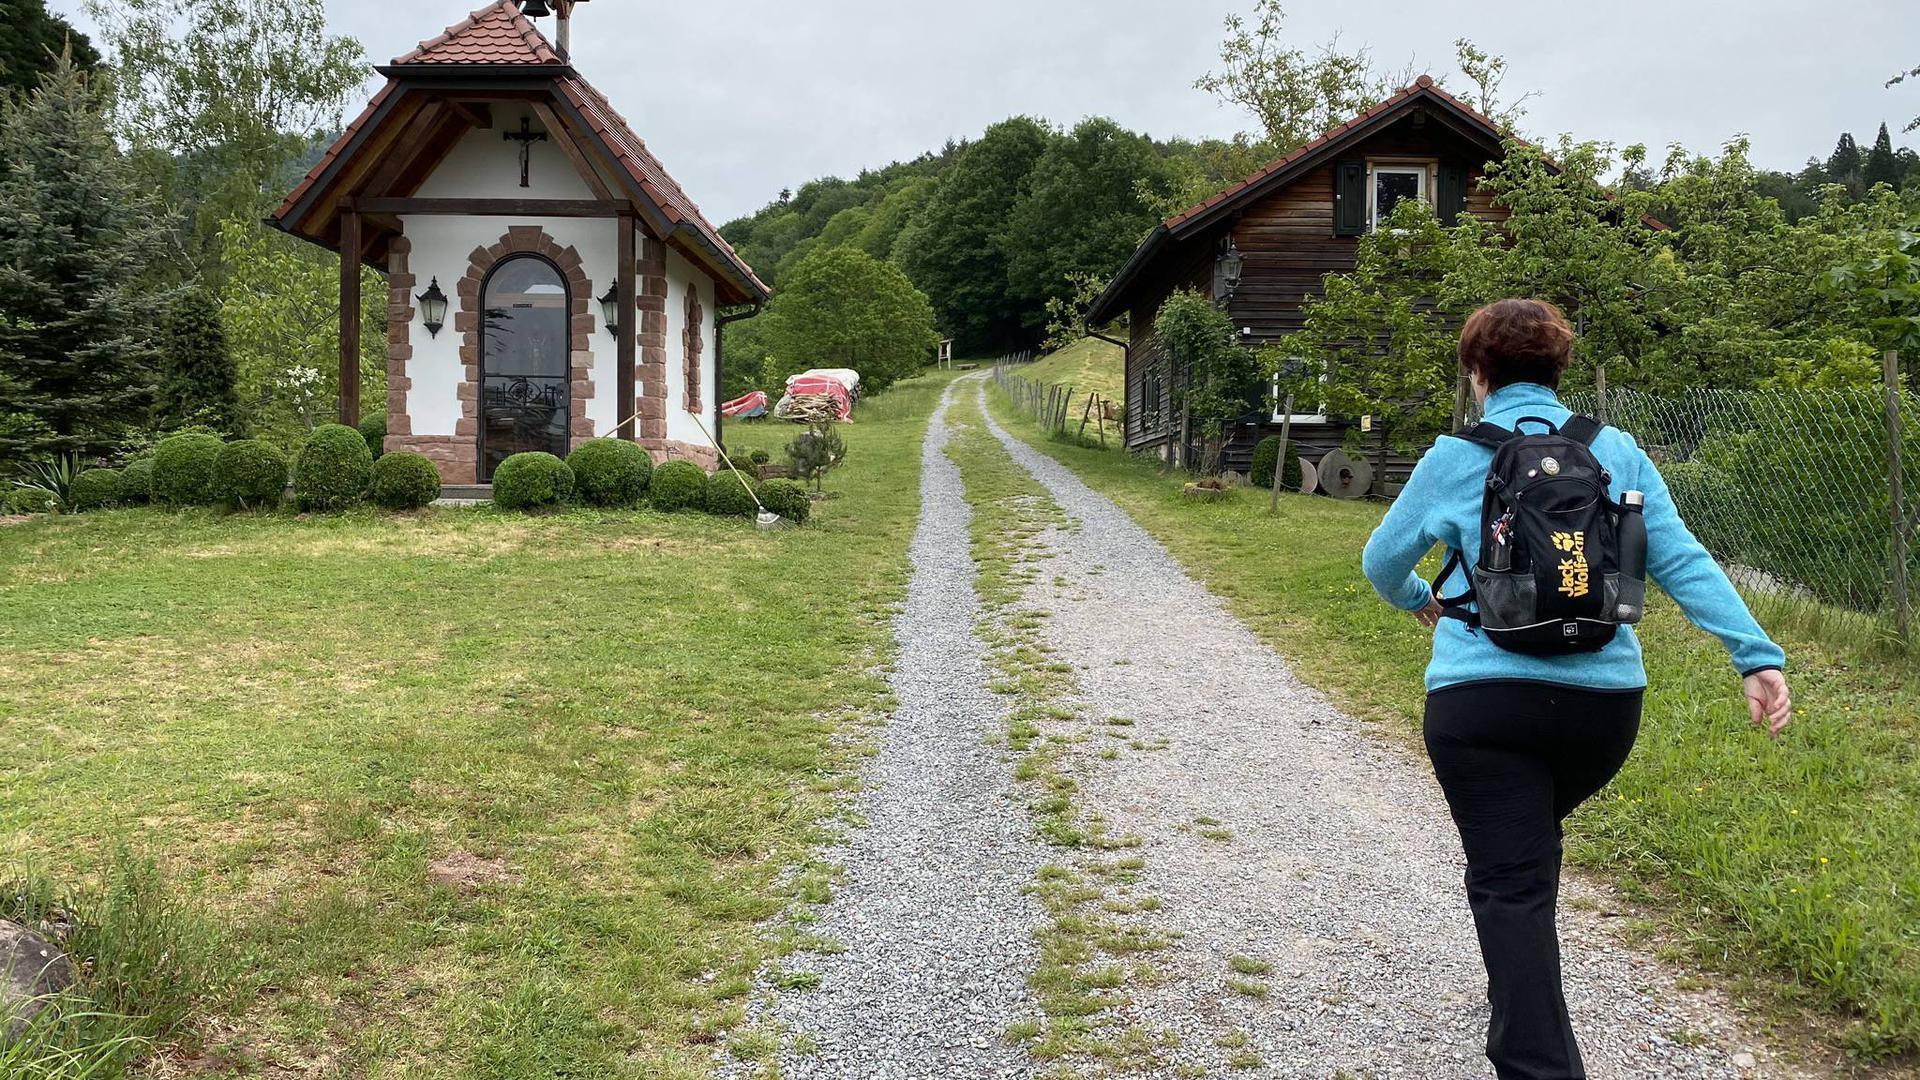 Malerische Abwechslung am Wegesrand: Silke Michel vom Schwarzwaldverein passiert auf der zweiten Etappe des Baden-Badener Panoramawegs die Marienkapelle – einer ihrer Lieblingspunkte auf dieser Wandertour.